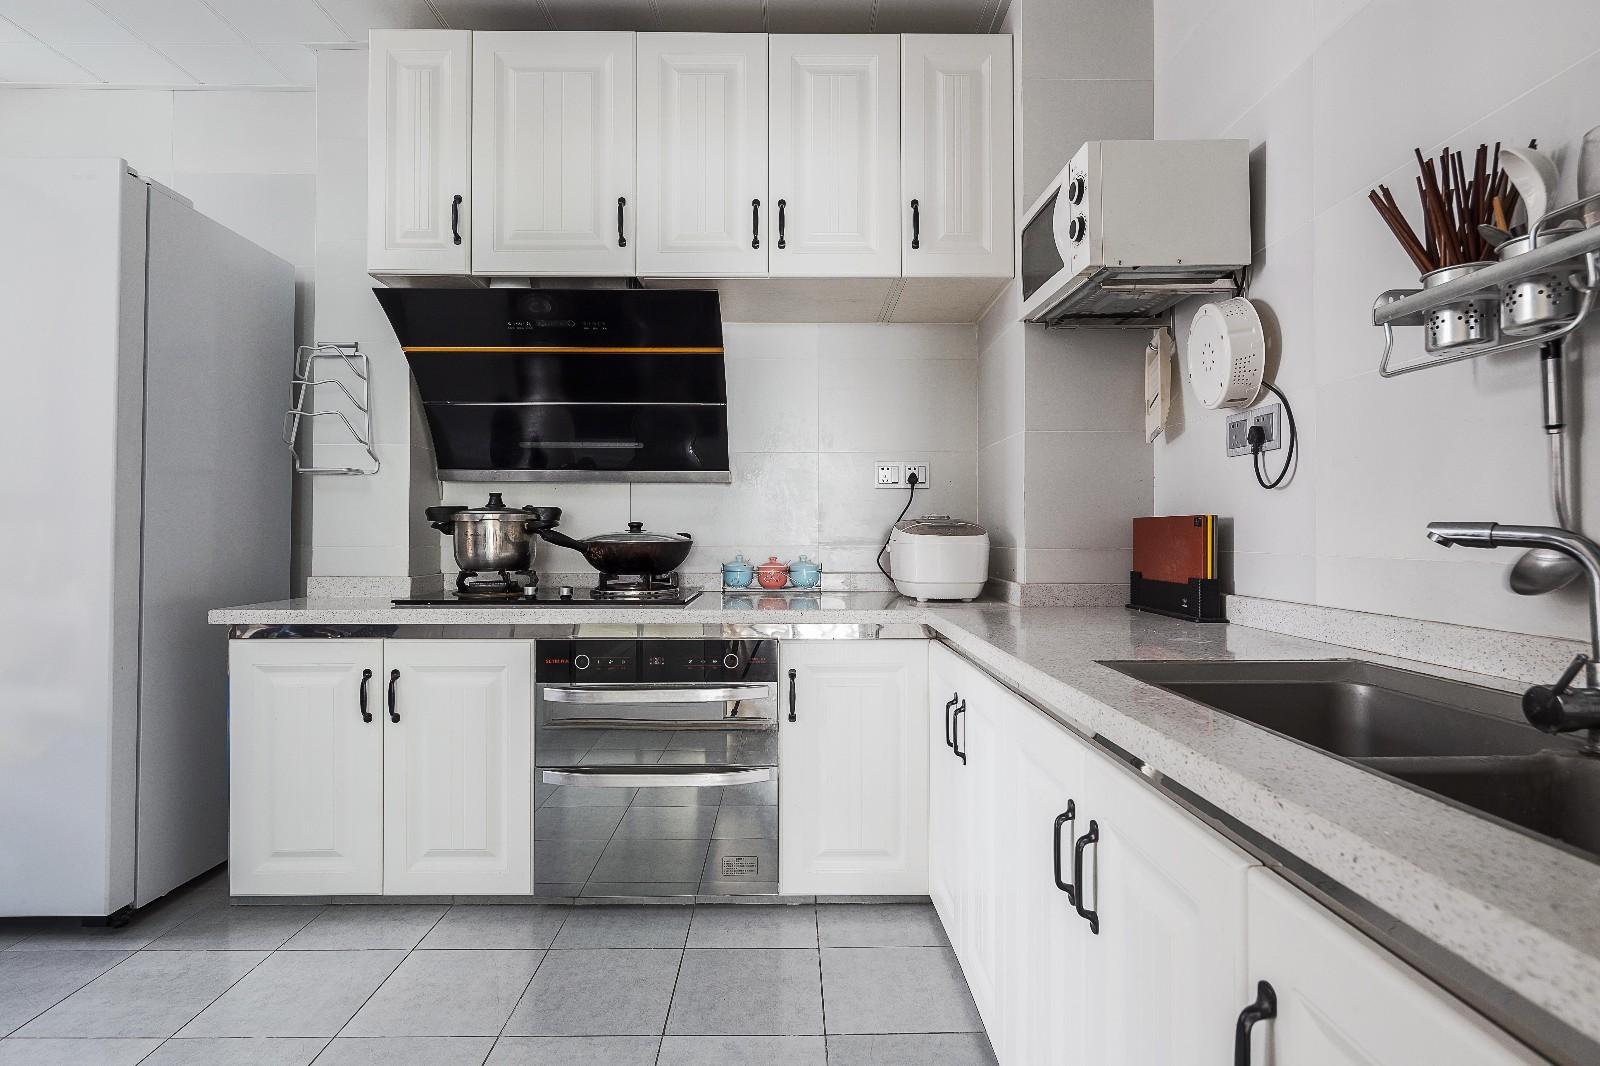 厨房地面通铺灰色瓷砖,立面浅色瓷砖搭配白色橱柜,灰色麻点台面耐脏易